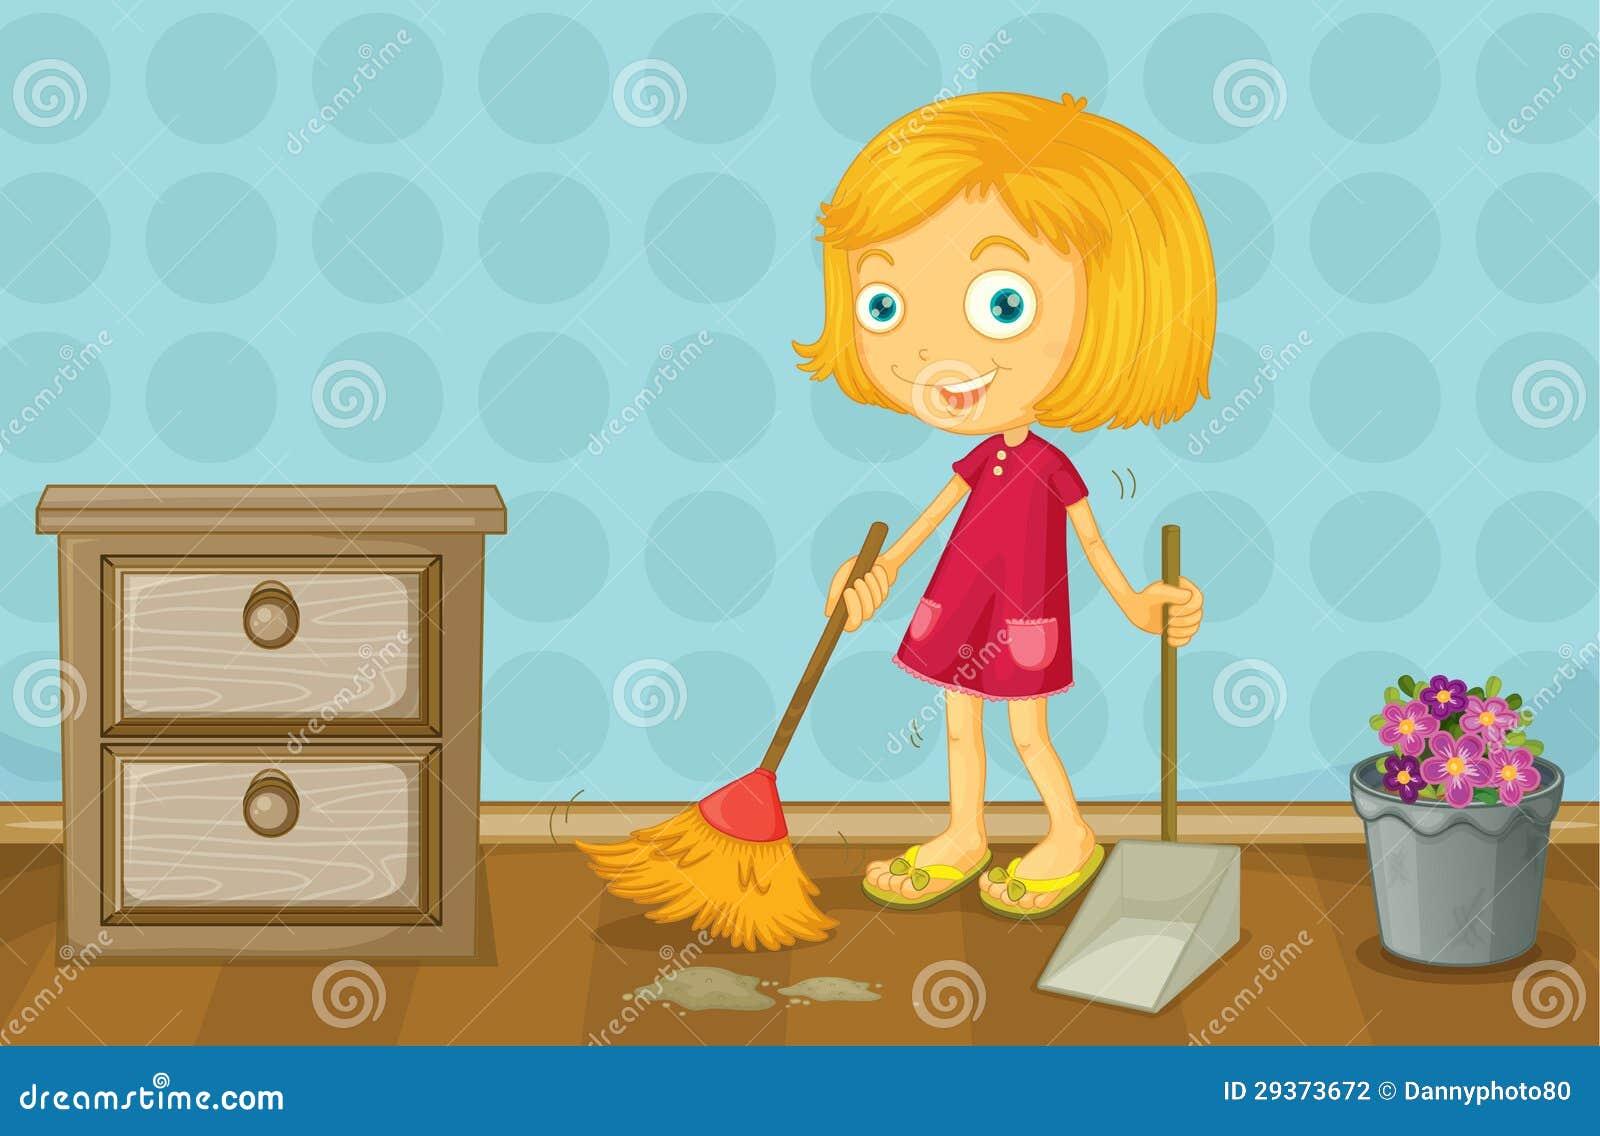 Ein Mädchen, das einen Raum säubert